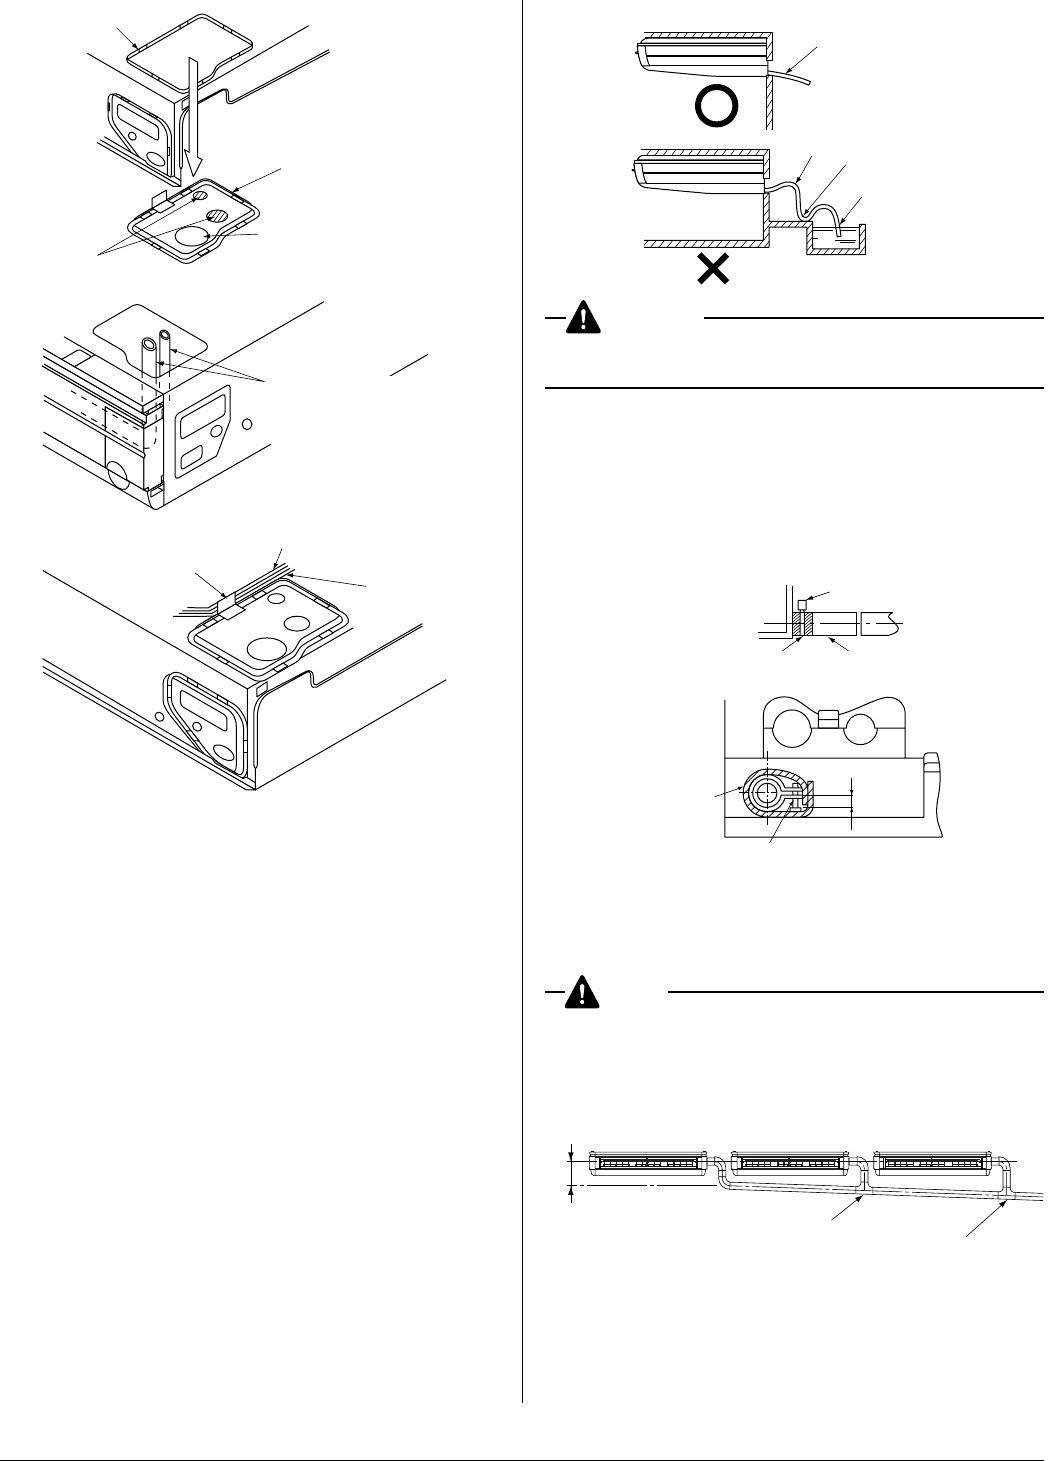 Daikin VRV FXHQ12MVJU/FXHQ24MVJU/FXHQ36MVJU Installation